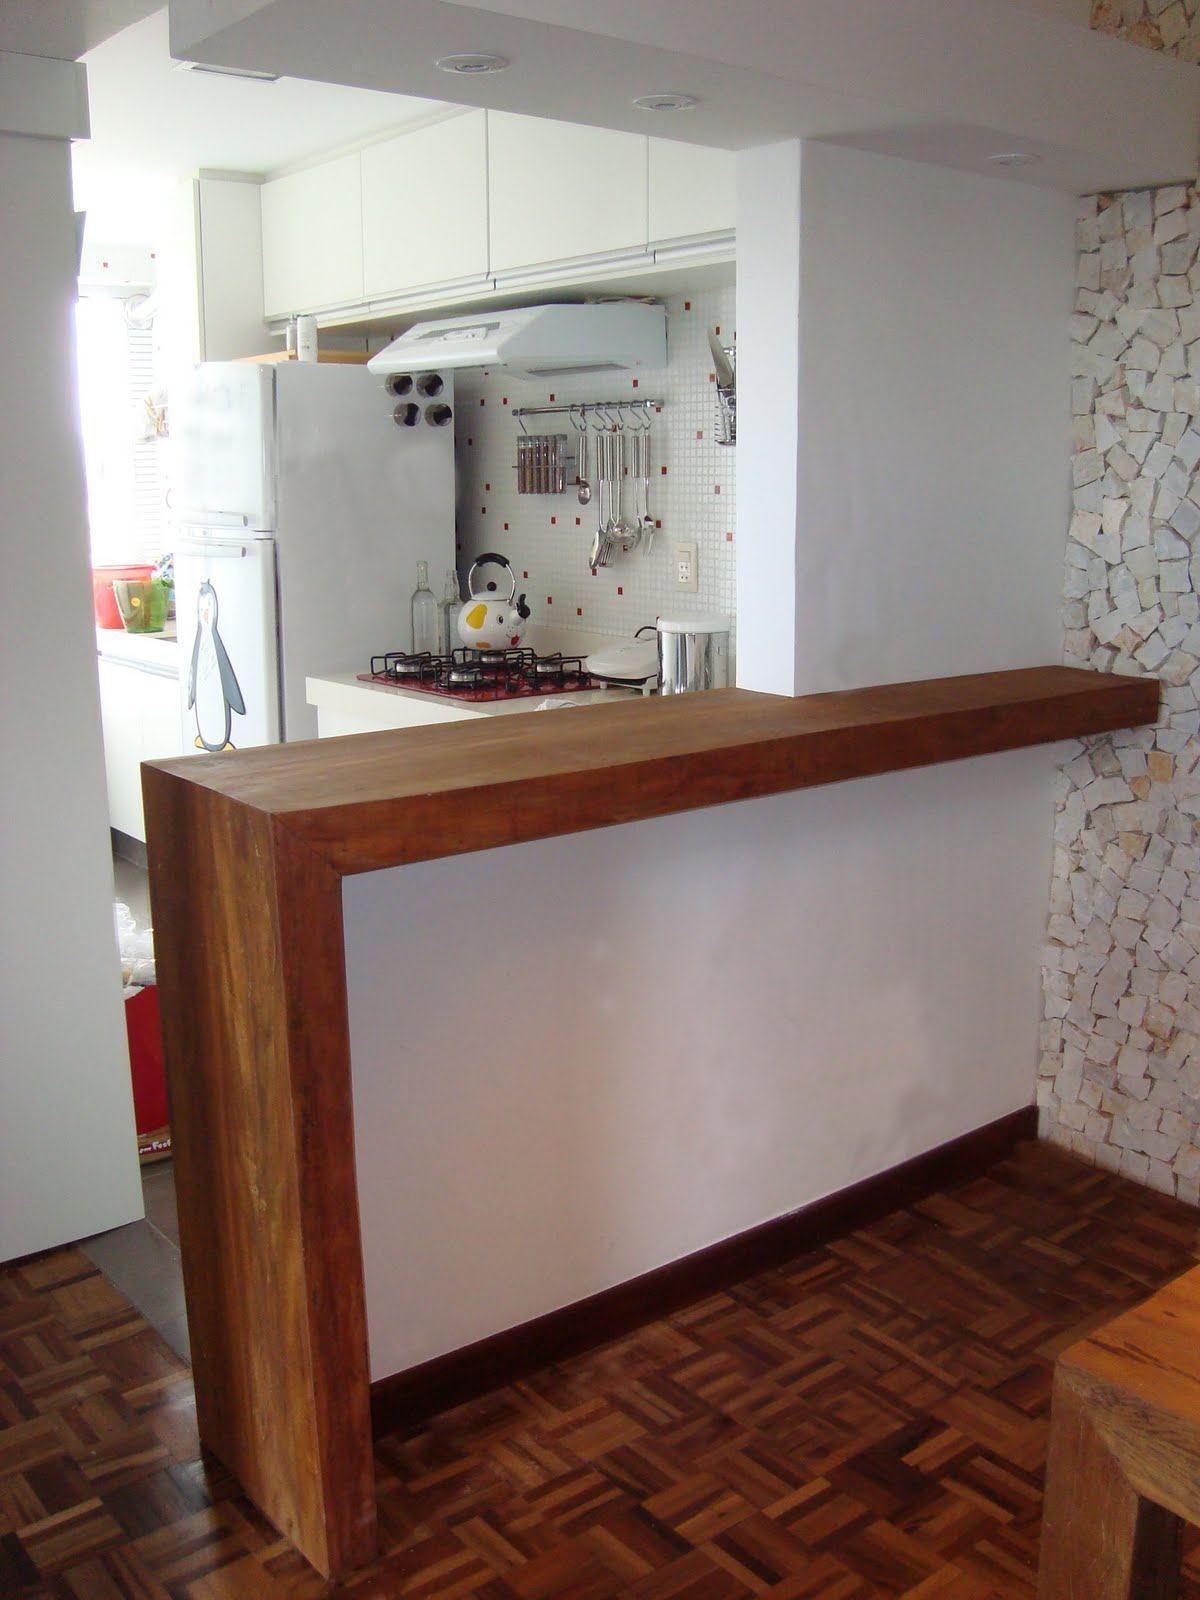 Balc O De Cozinha De Madeira Bancadas Pinterest Cozinha De